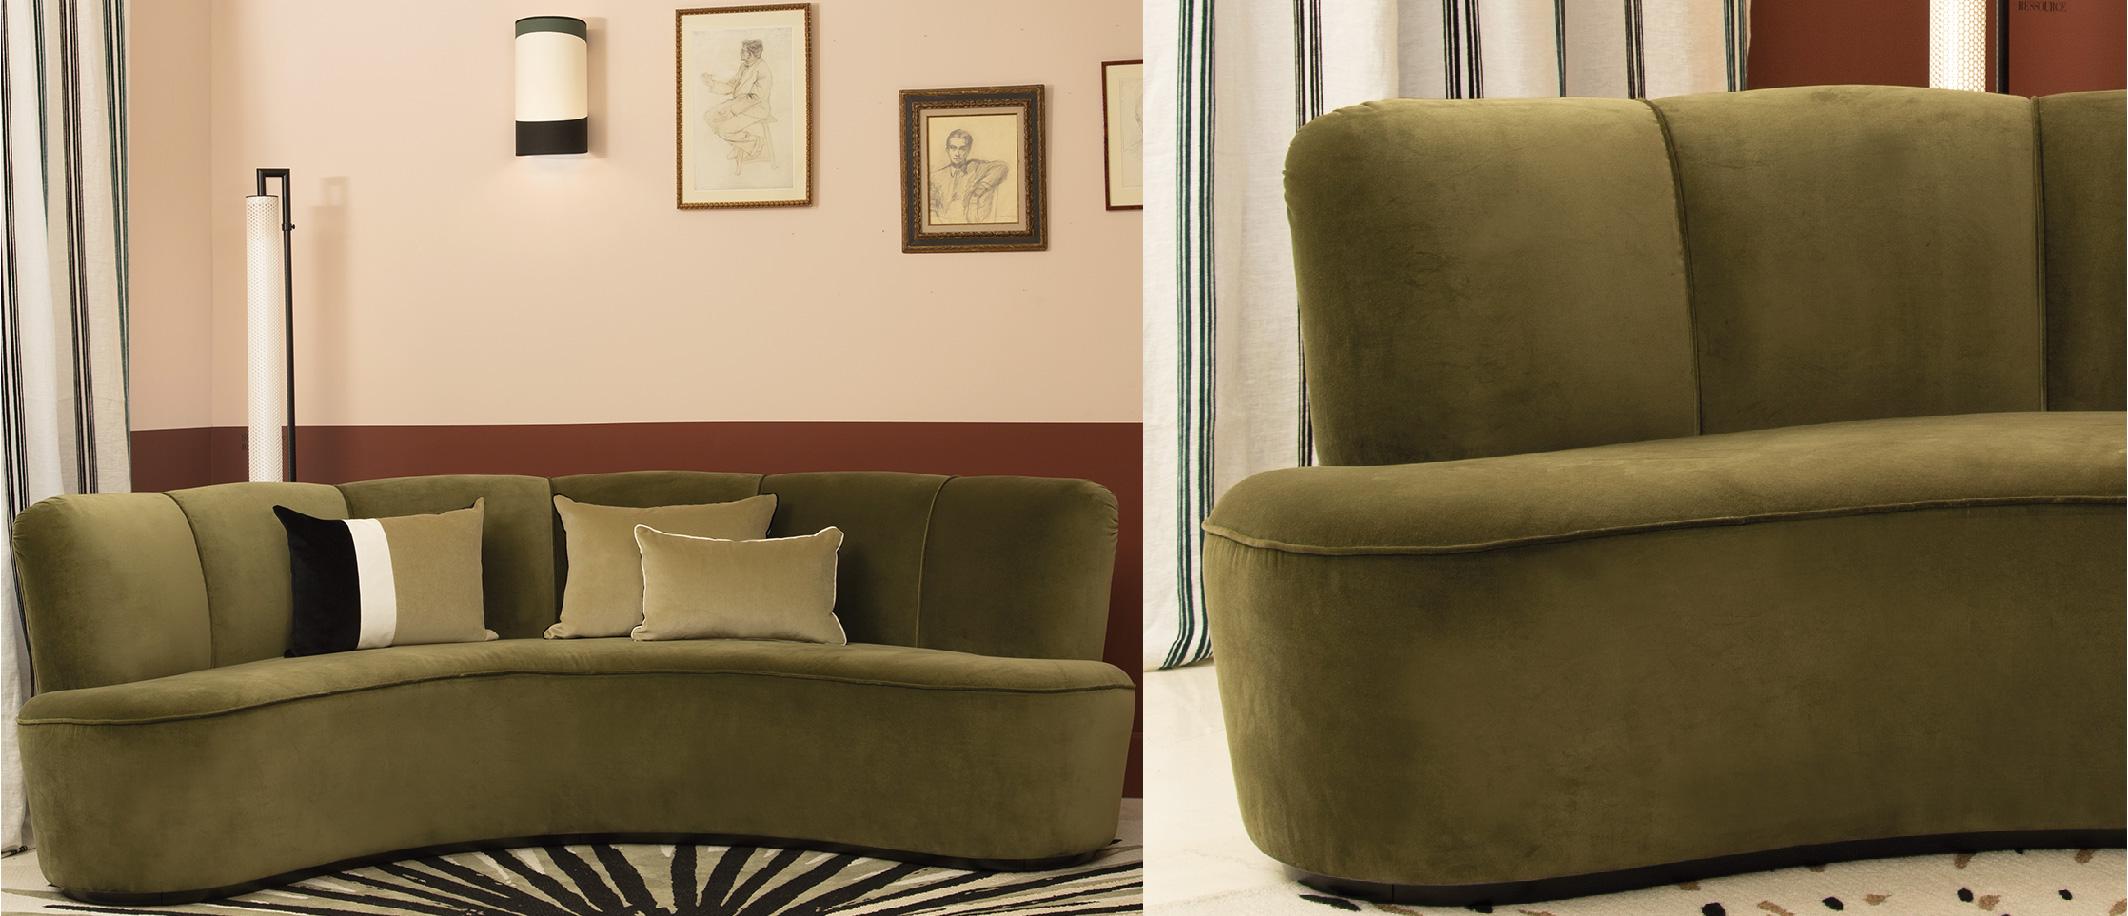 Canapé Sarah par Maison Sarah Lavoine